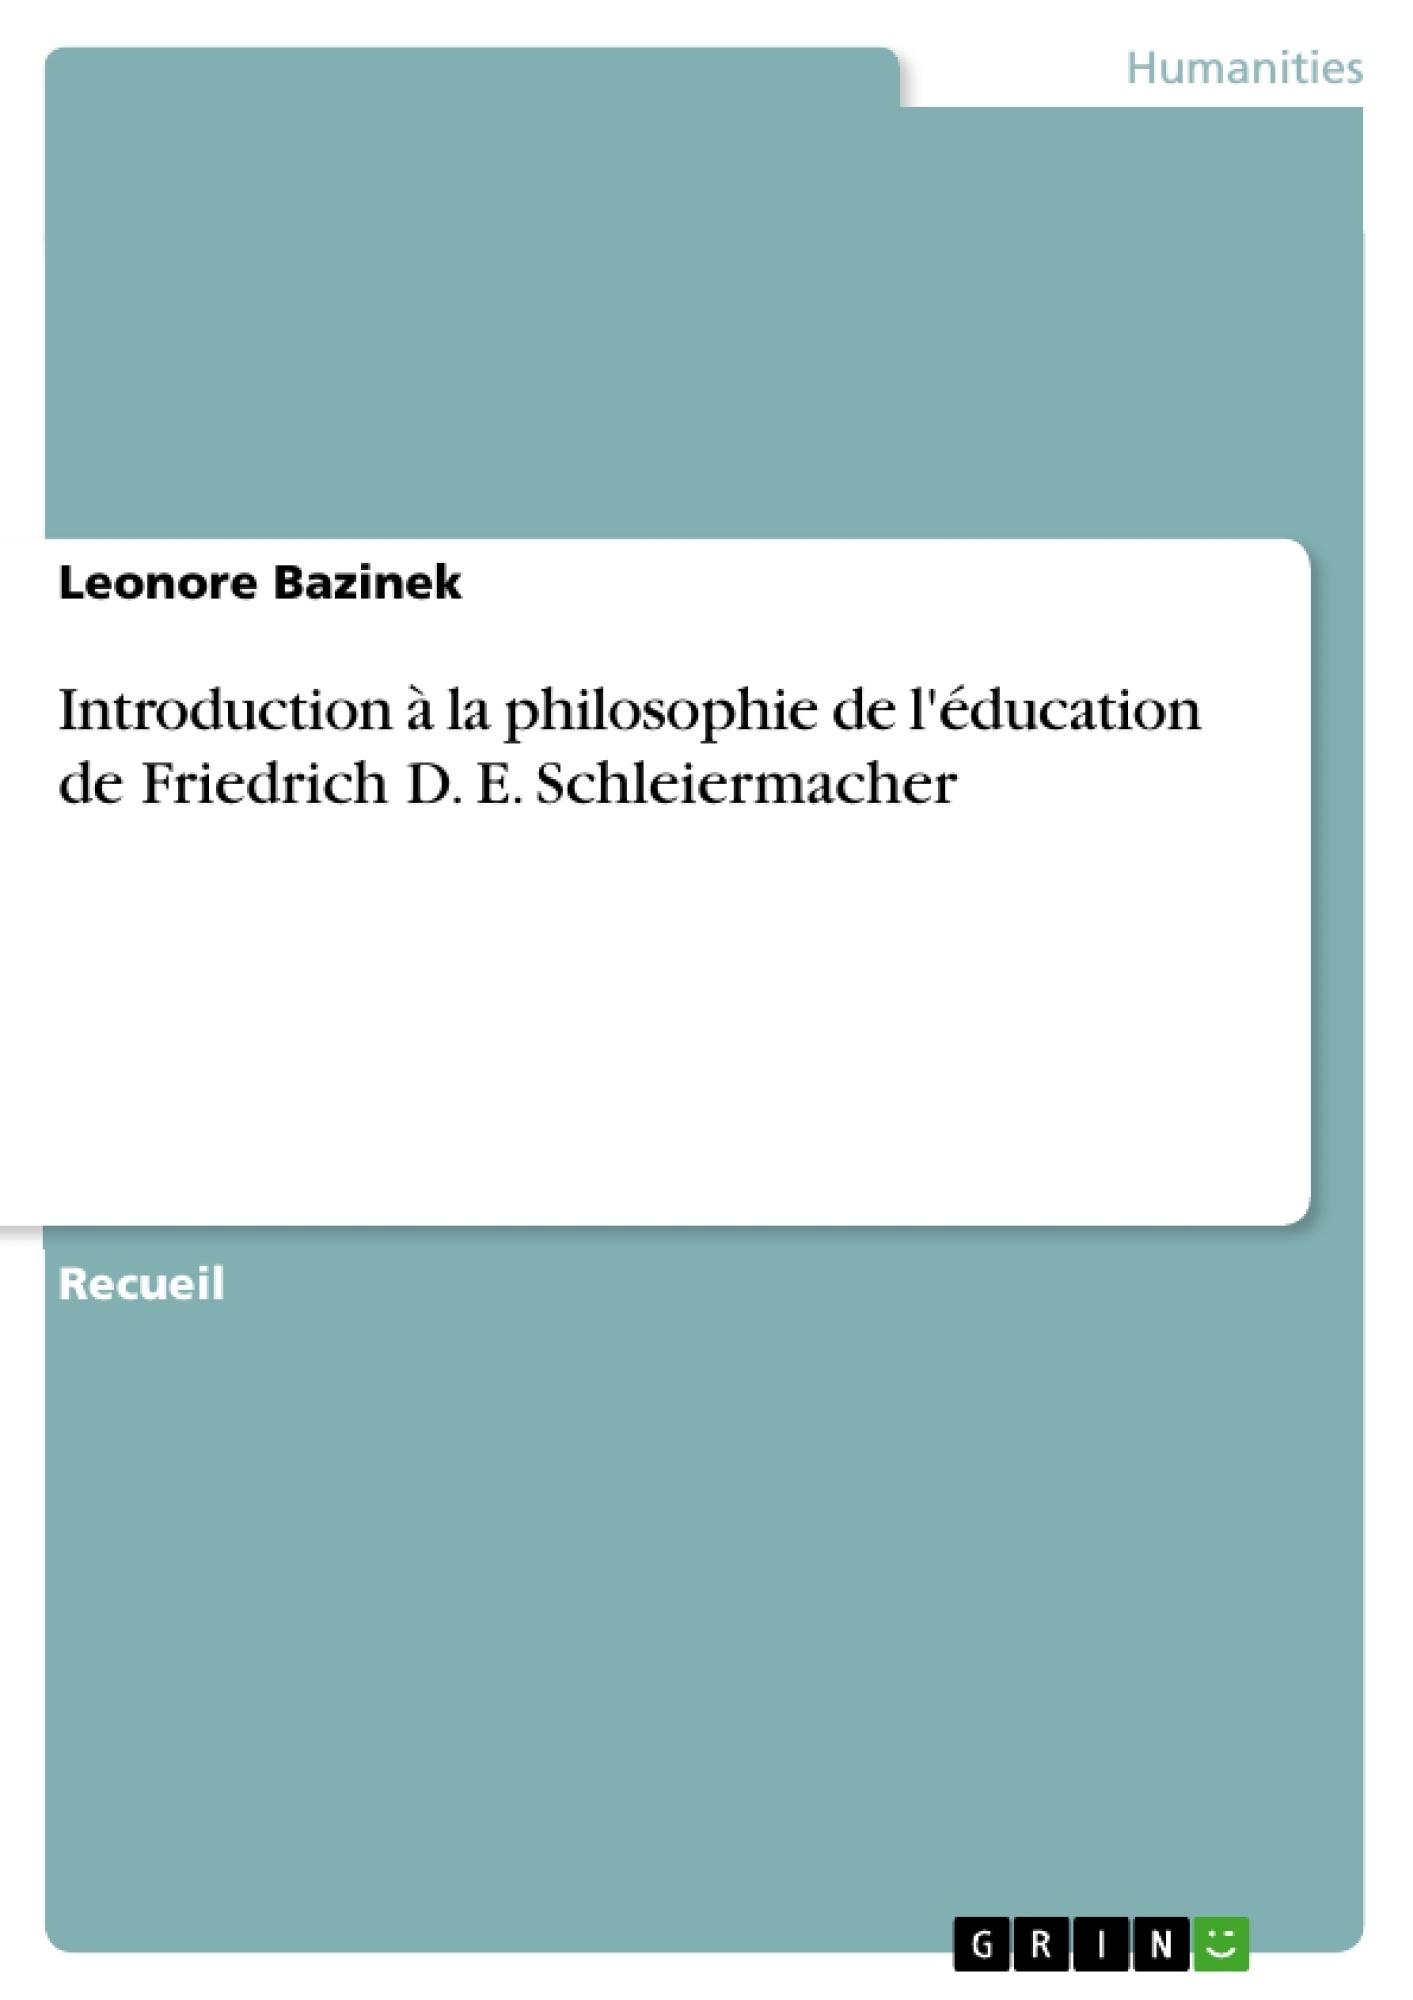 Titre: Introduction à la philosophie de l'éducation de Friedrich D. E. Schleiermacher